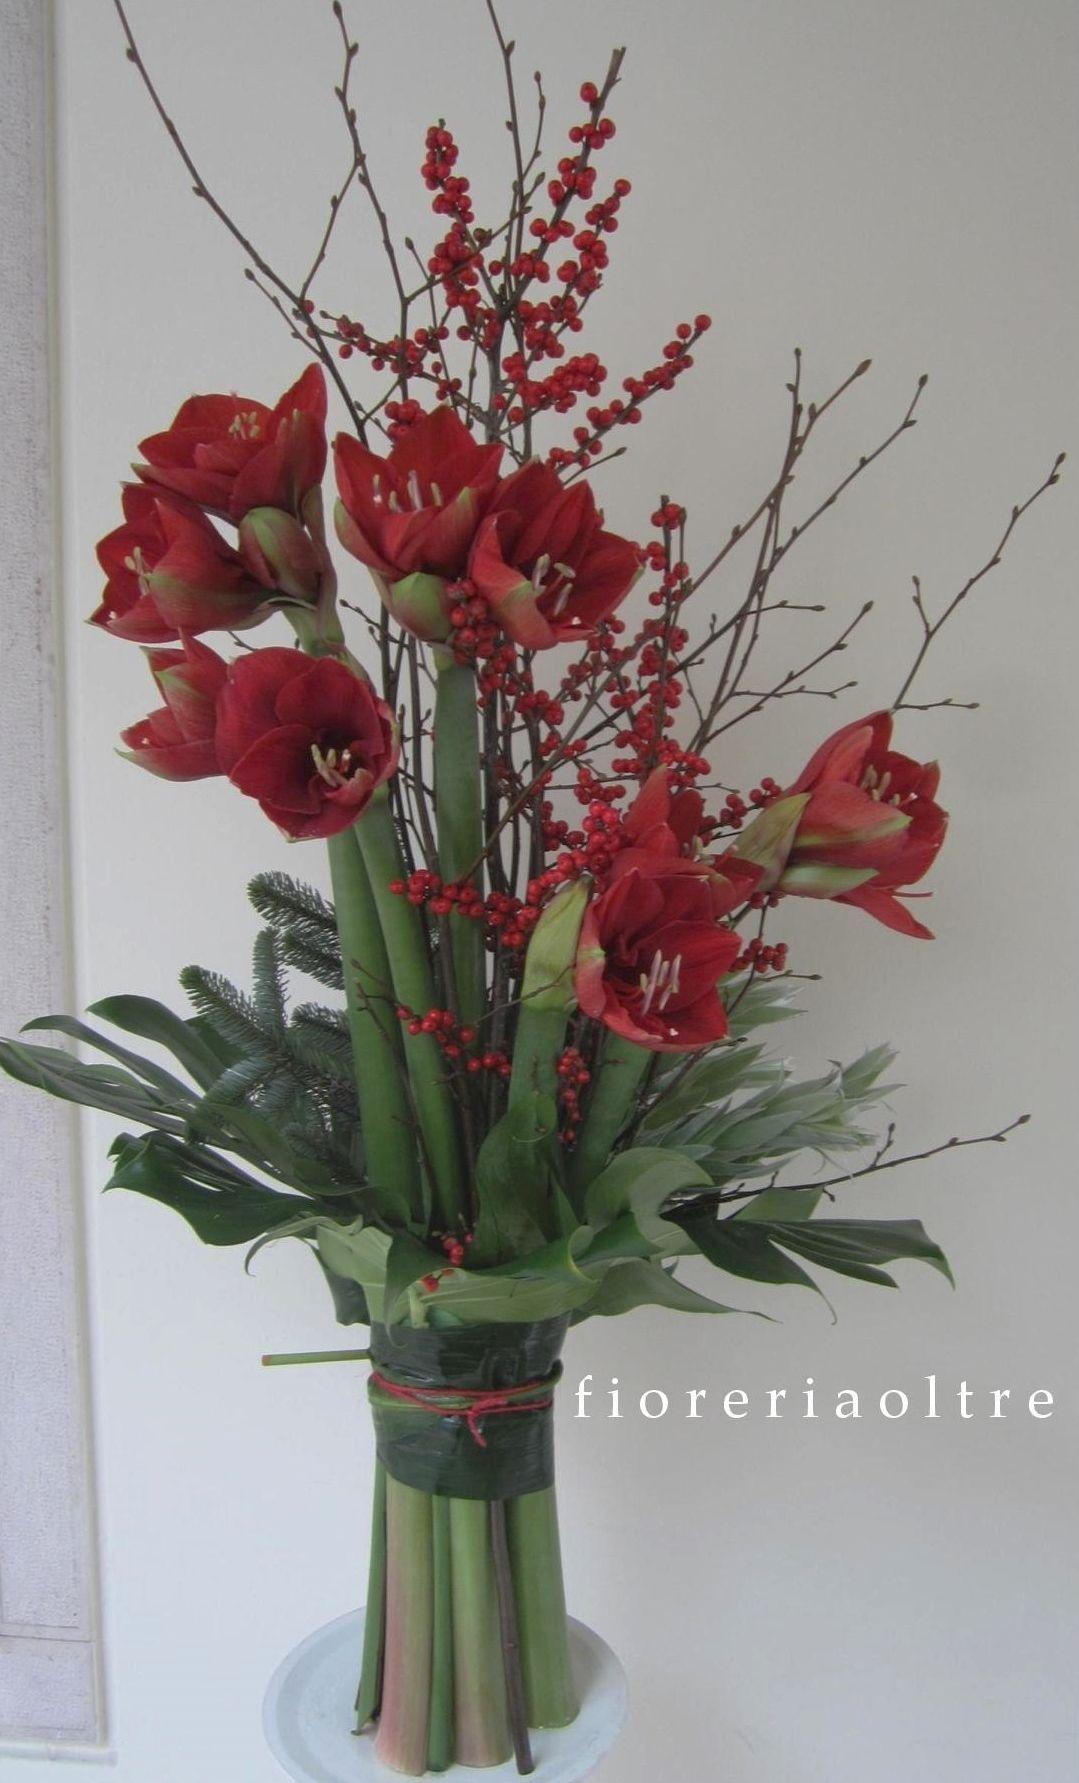 Fantastic Images Fioreria Oltre / Frisches Blumengesteck